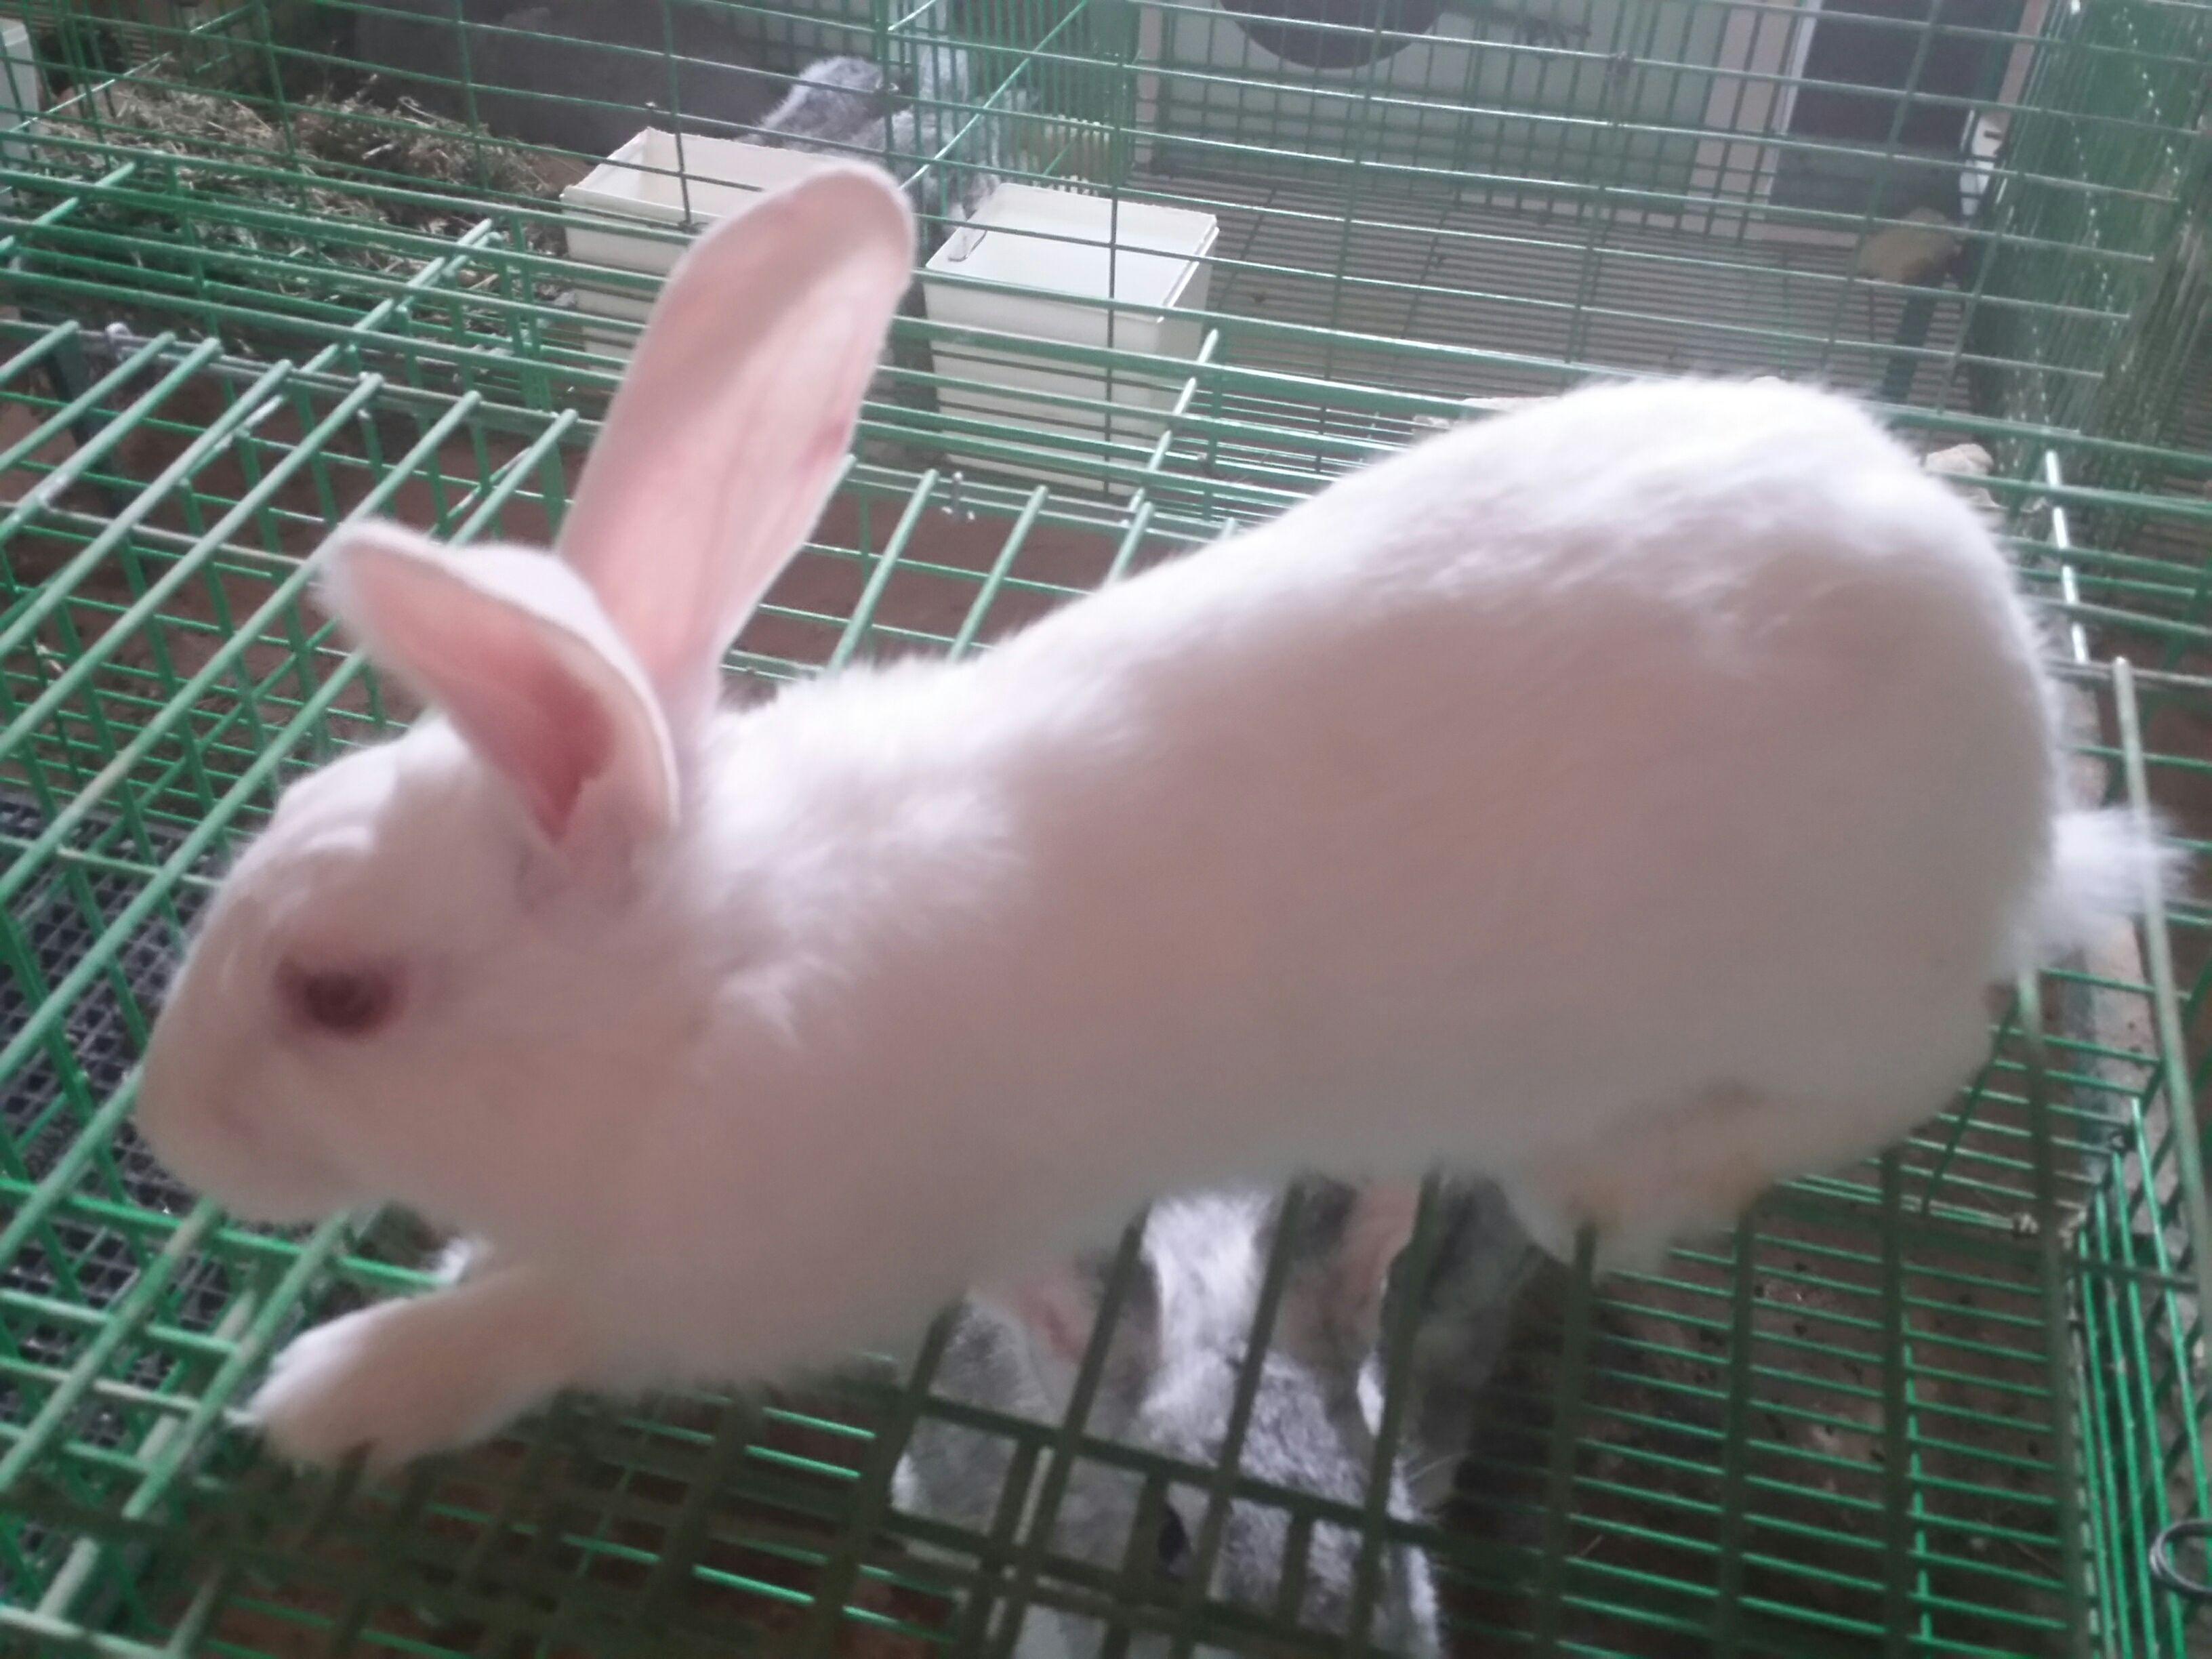 أرانب بلديه وفرنسيه للبيع الرياض NAqoH07AQbDOTK